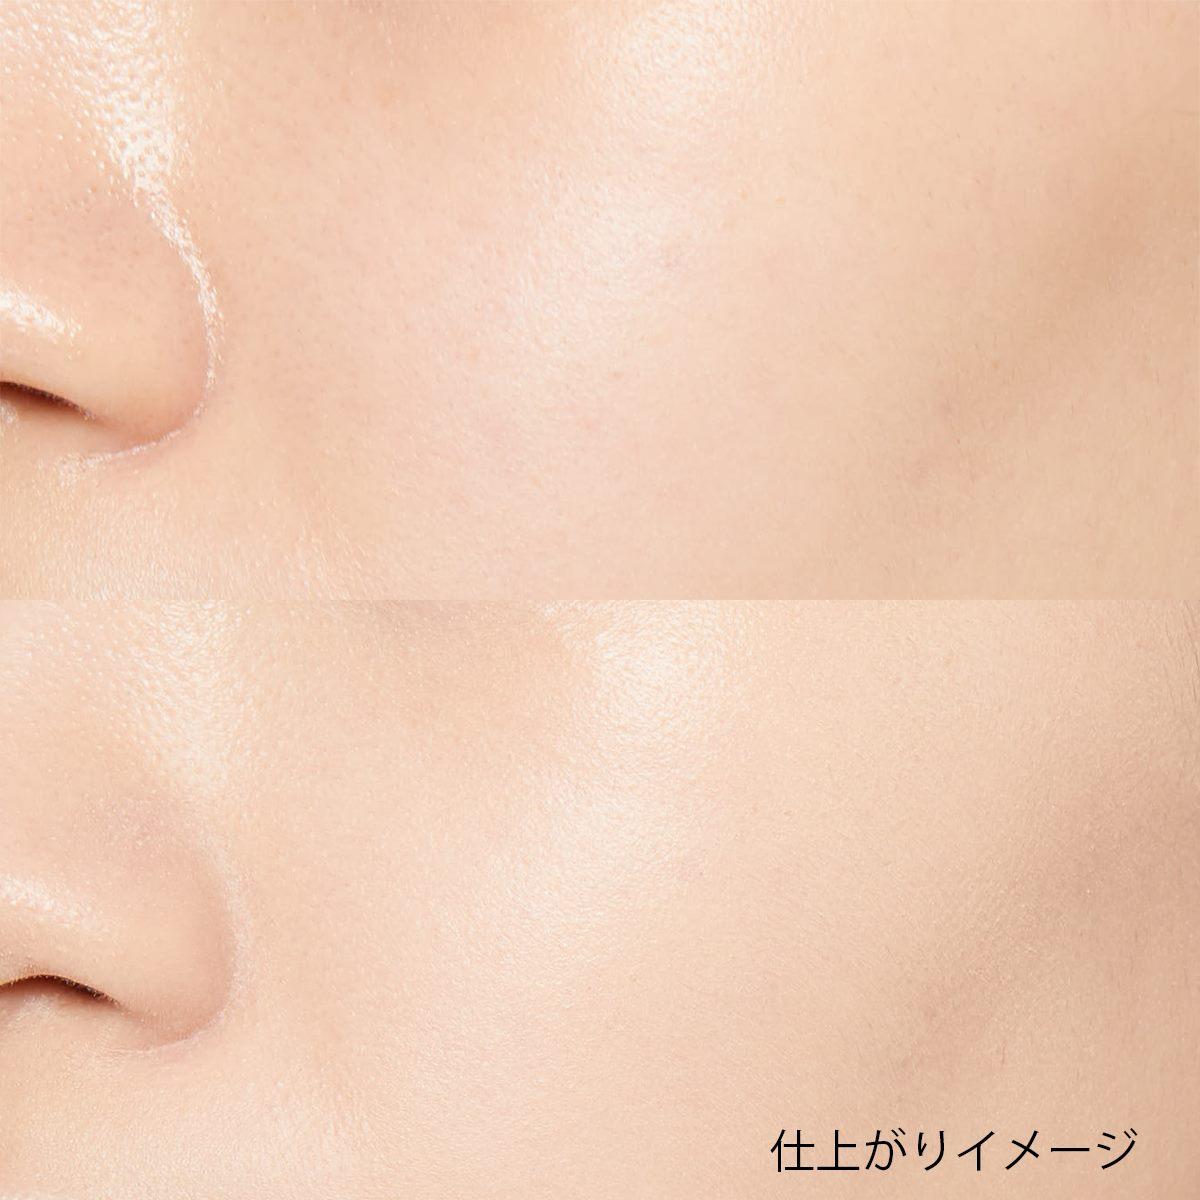 KATE(ケイト)『レアペイントファンデーションN 01 やや明るめの色』の使用感をレポに関する画像4